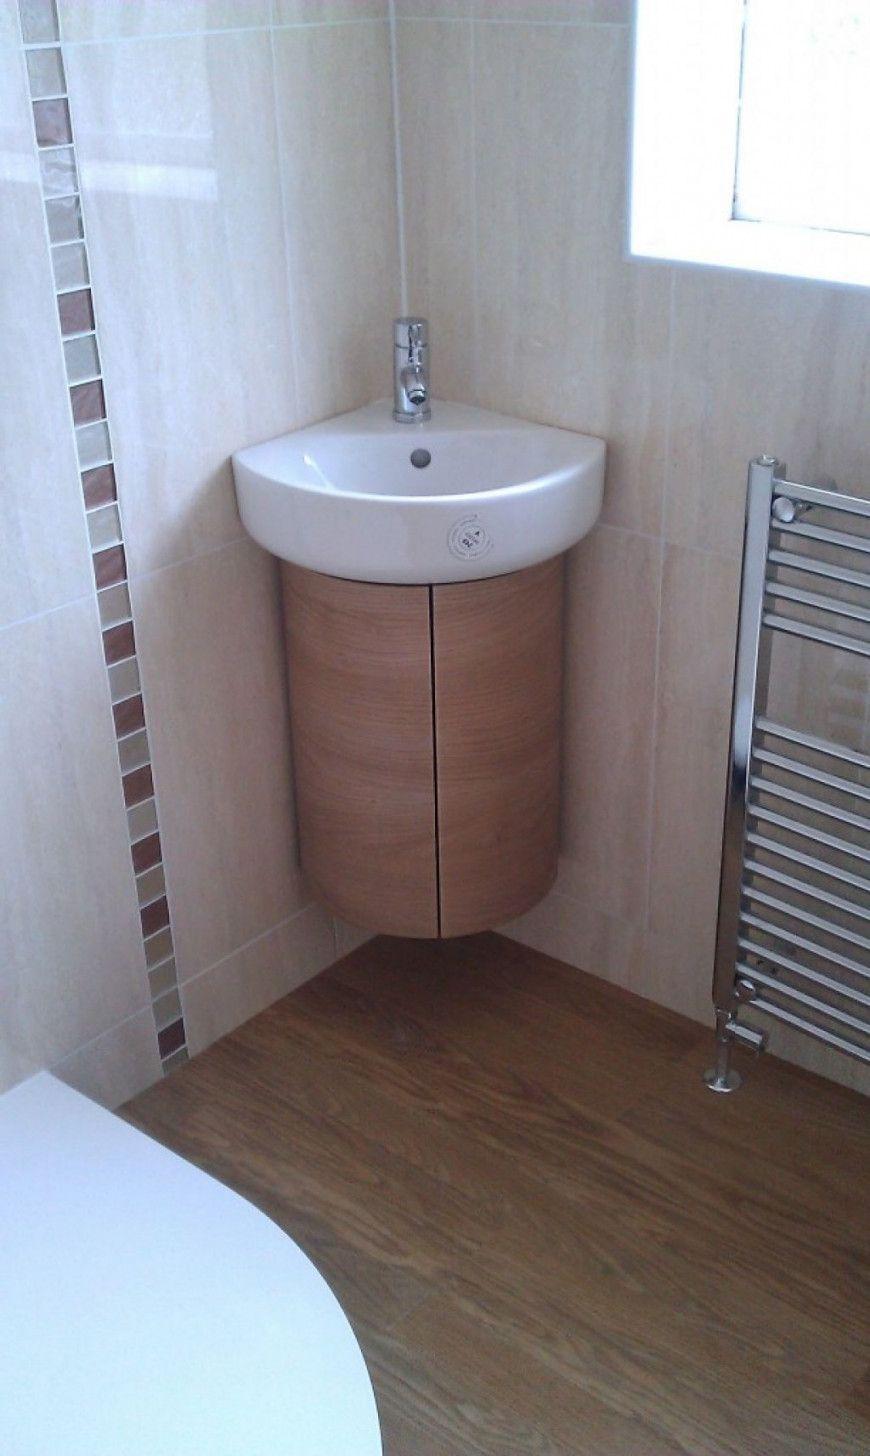 Eck Waschbecken Schranke Ecke Badezimmer Waschbecken Schranke Die Einrichtung Der Ei Badezimmer Waschbecken Kleines Bad Waschbecken Kleines Haus Badezimmer